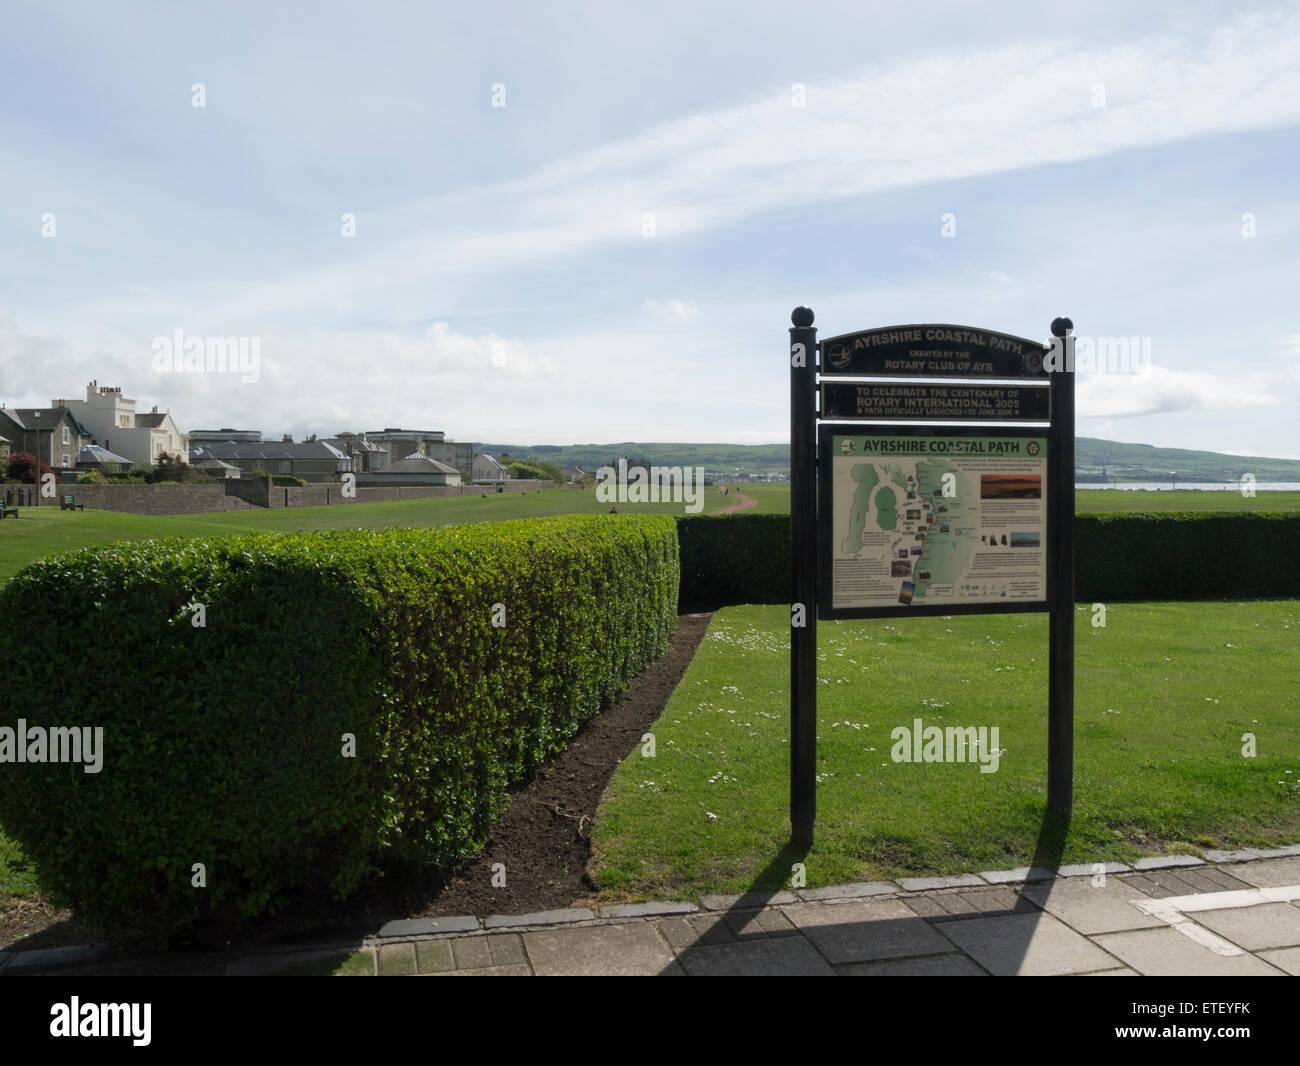 Début du sentier du littoral de l'Ayrshire ouvert 2008 pour célébrer le centenaire du Rotary International espace ouvert urbain Ecosse Ayr autrefois commune de terres de pâturage Banque D'Images